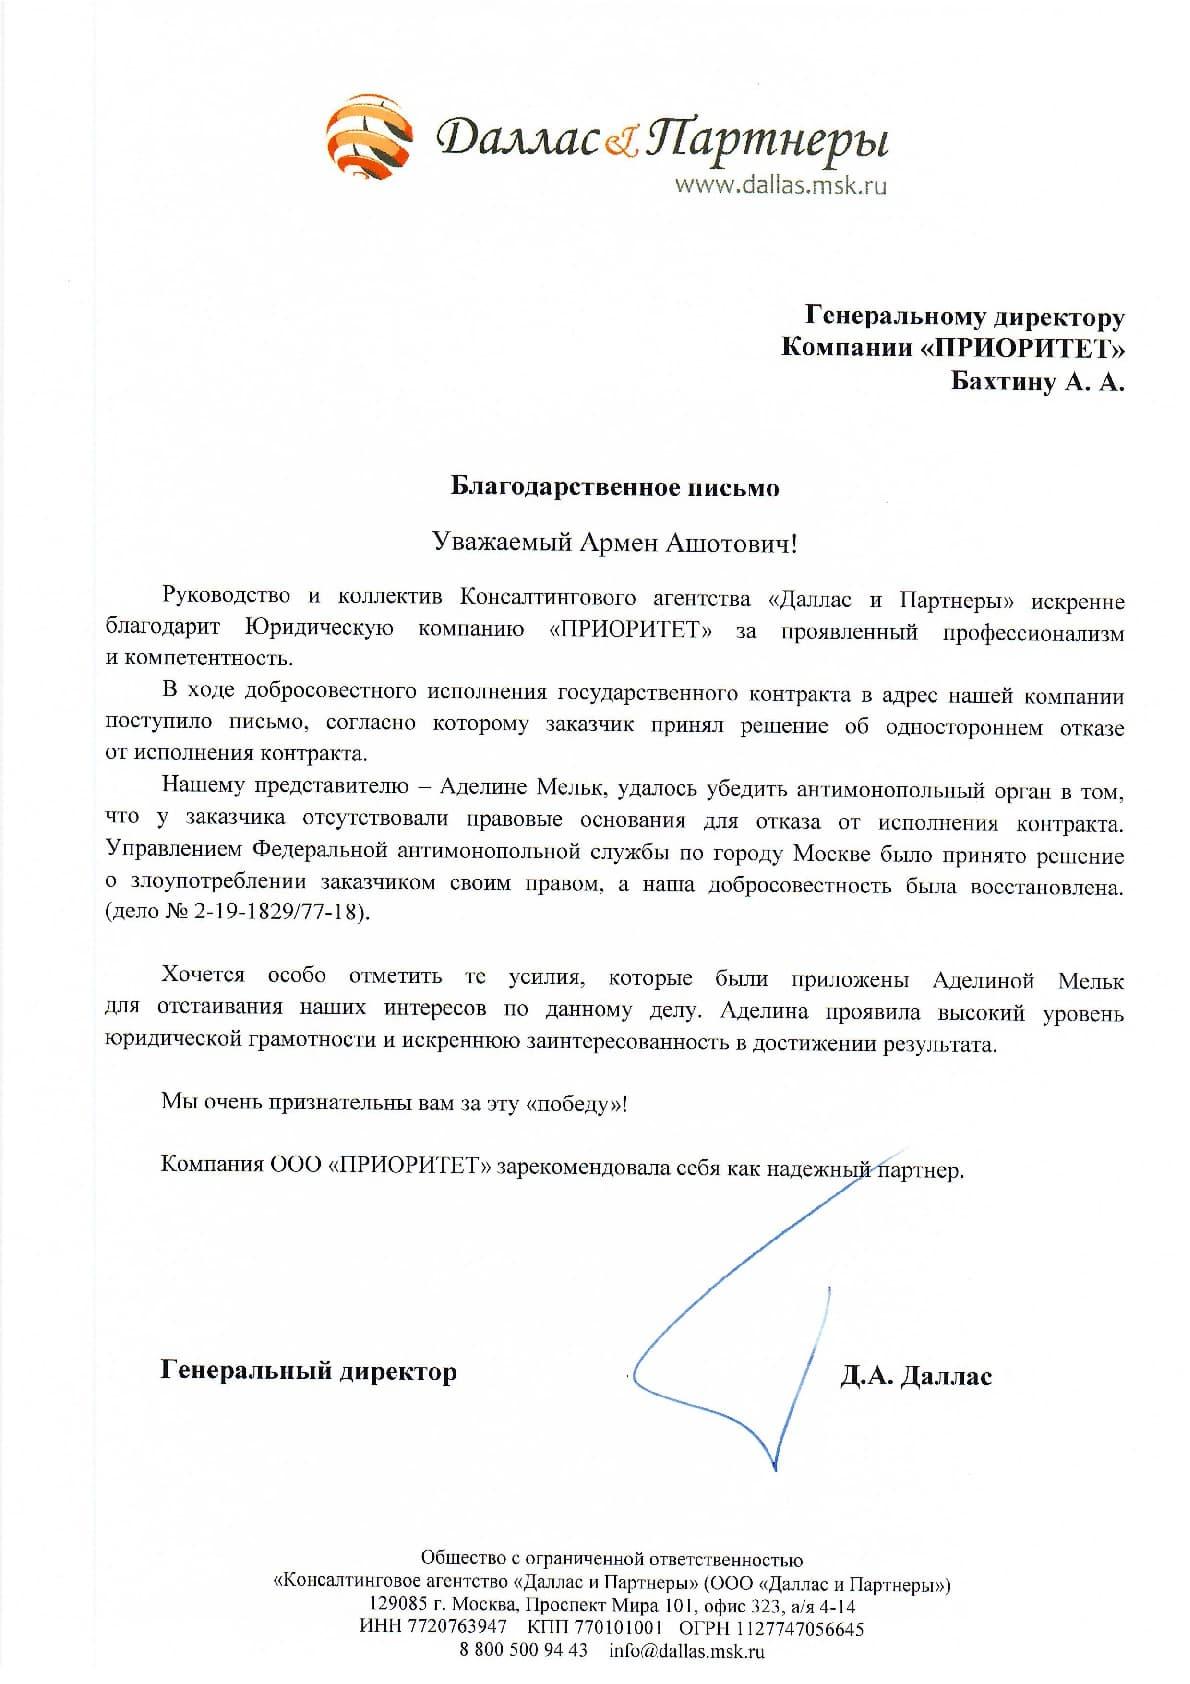 Арбитражный суд св об